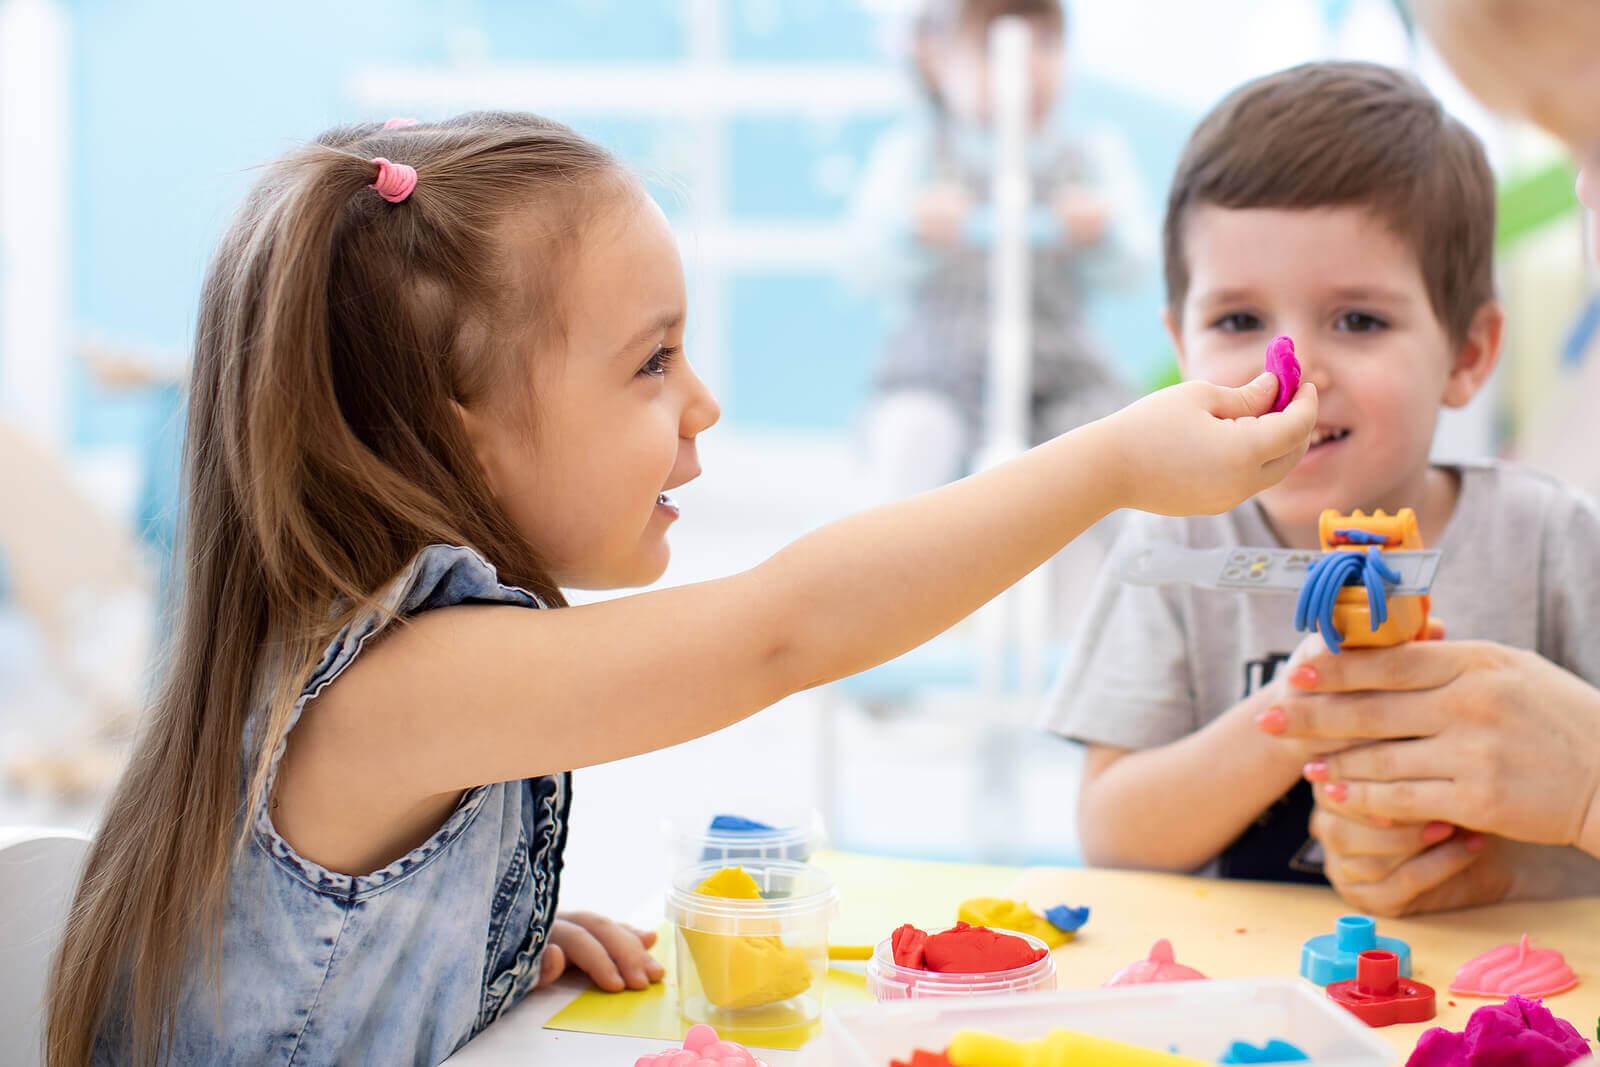 atividades e trabalhos manuais sensoriais para crianças inquietas